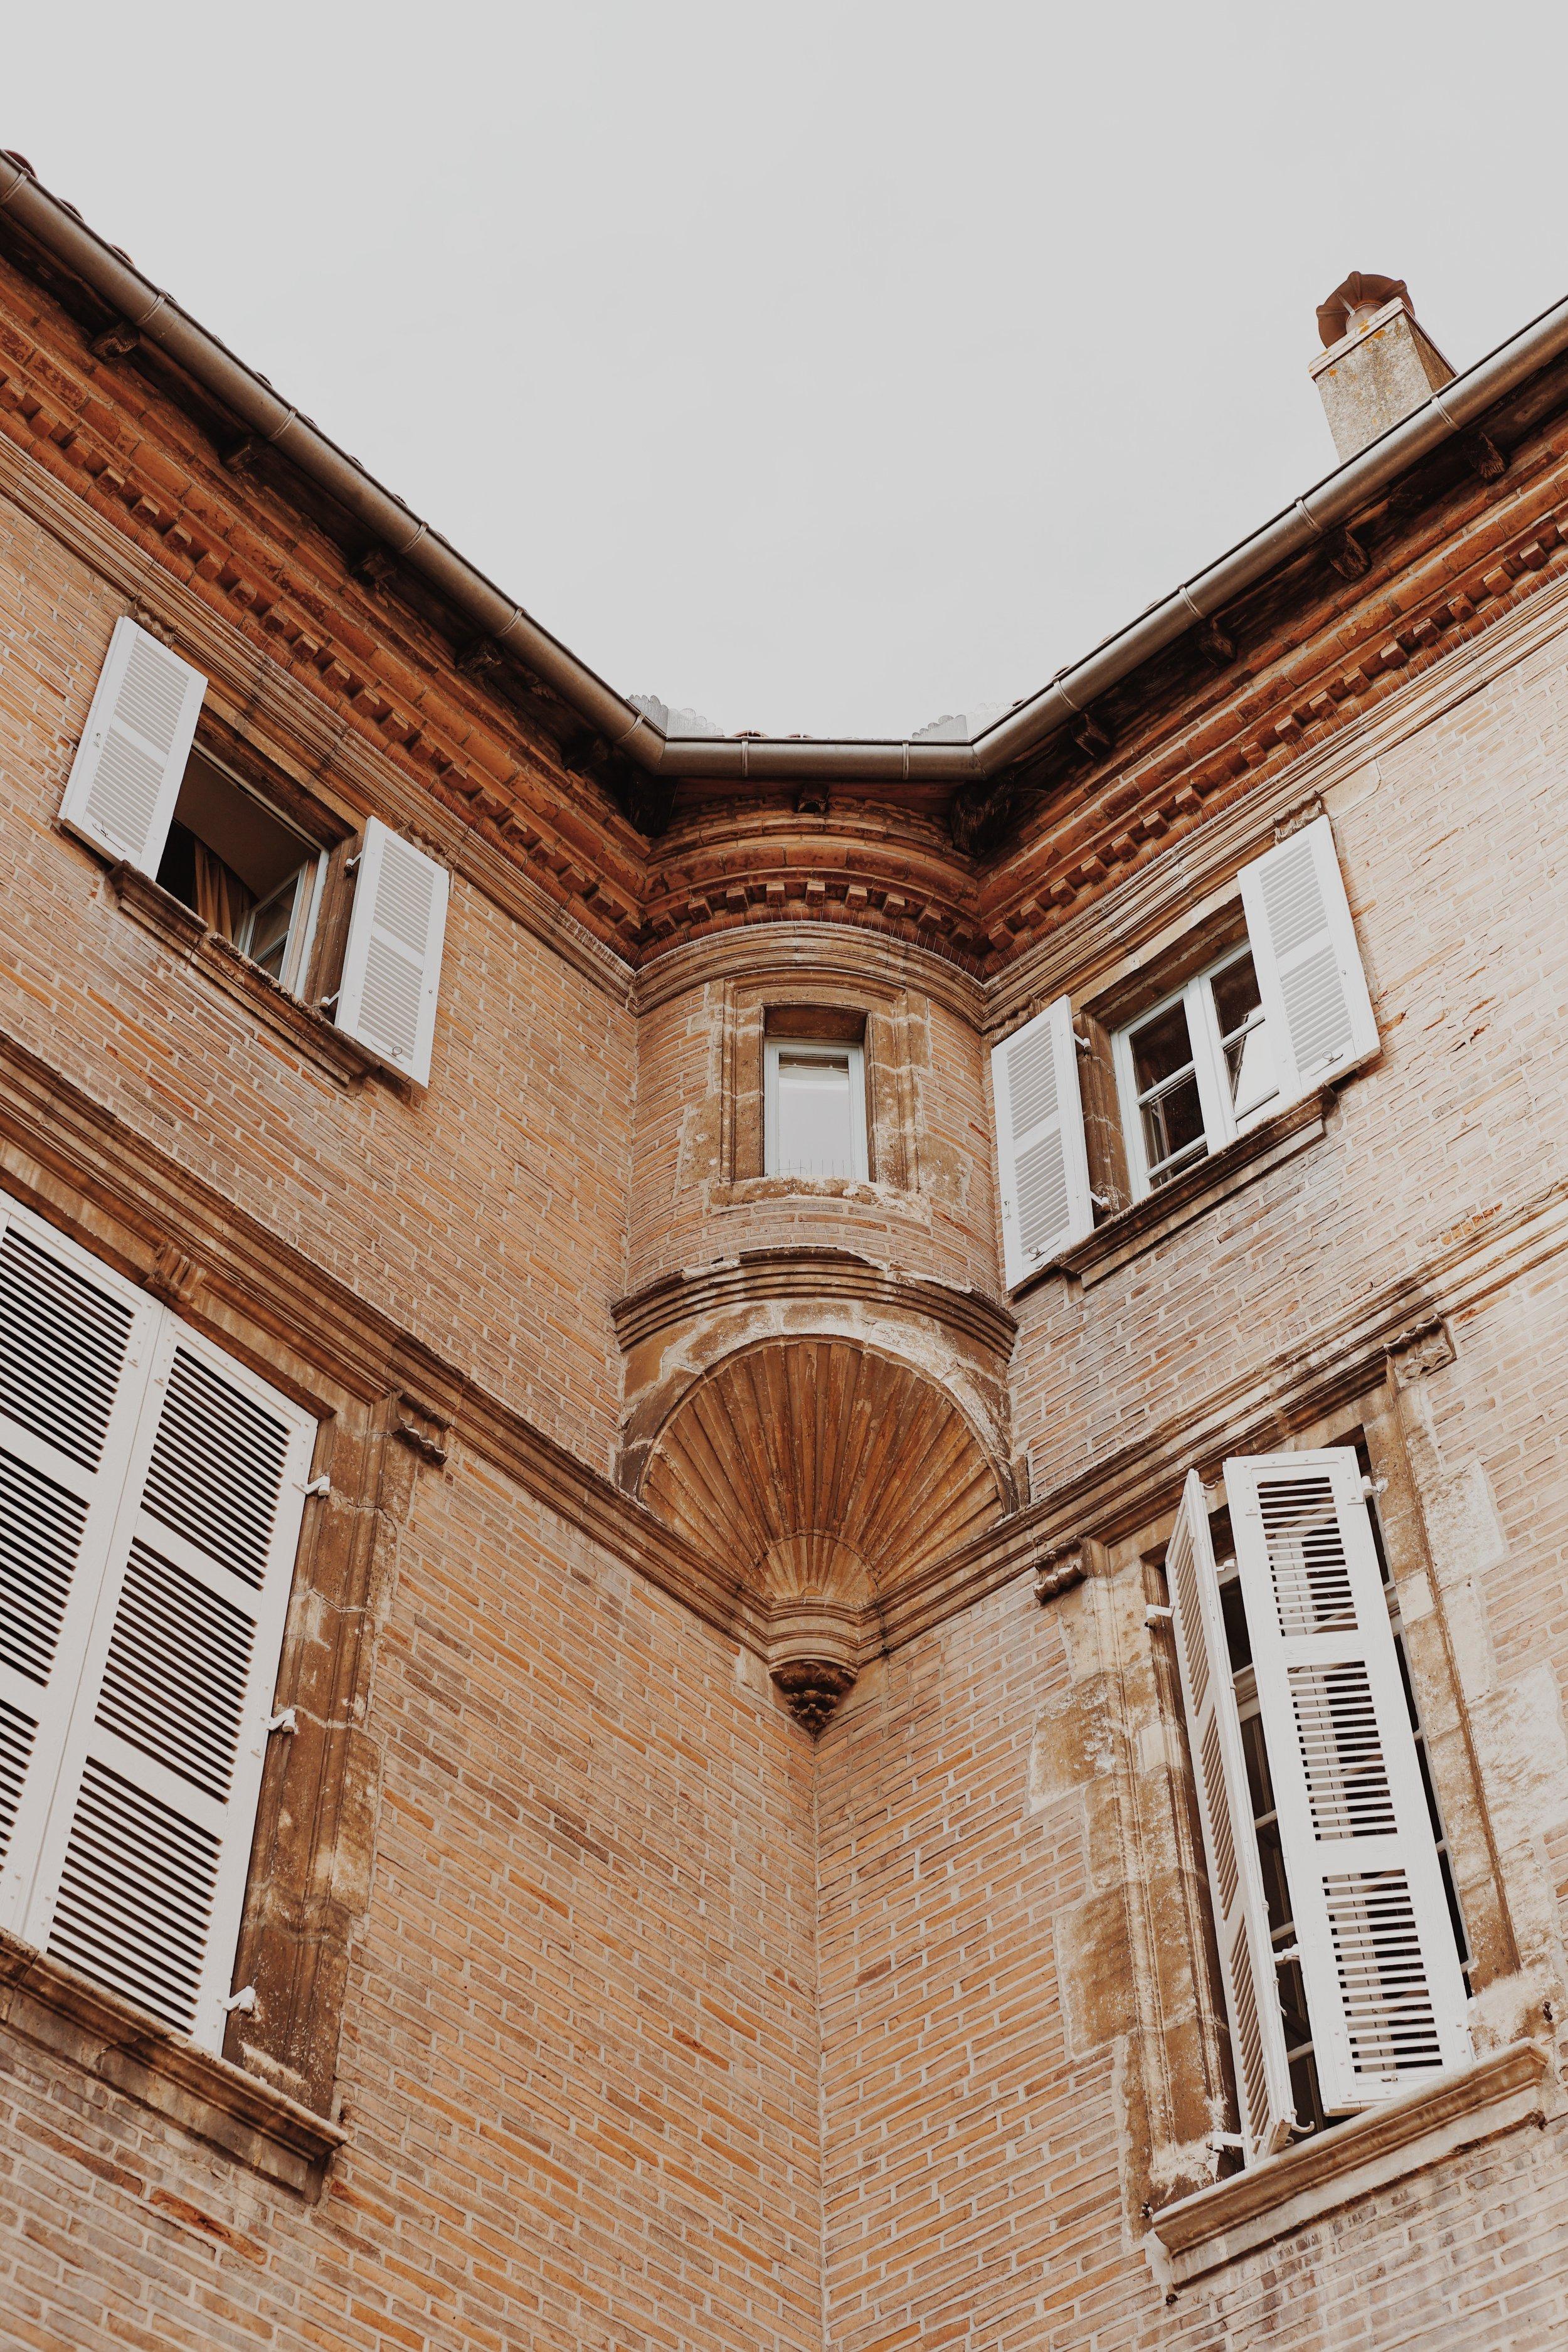 ASROSENVINGE_Atoutfrance_Toulouse_335282F0-59AD-460A-86E1-EA14E8D3EC52.JPG